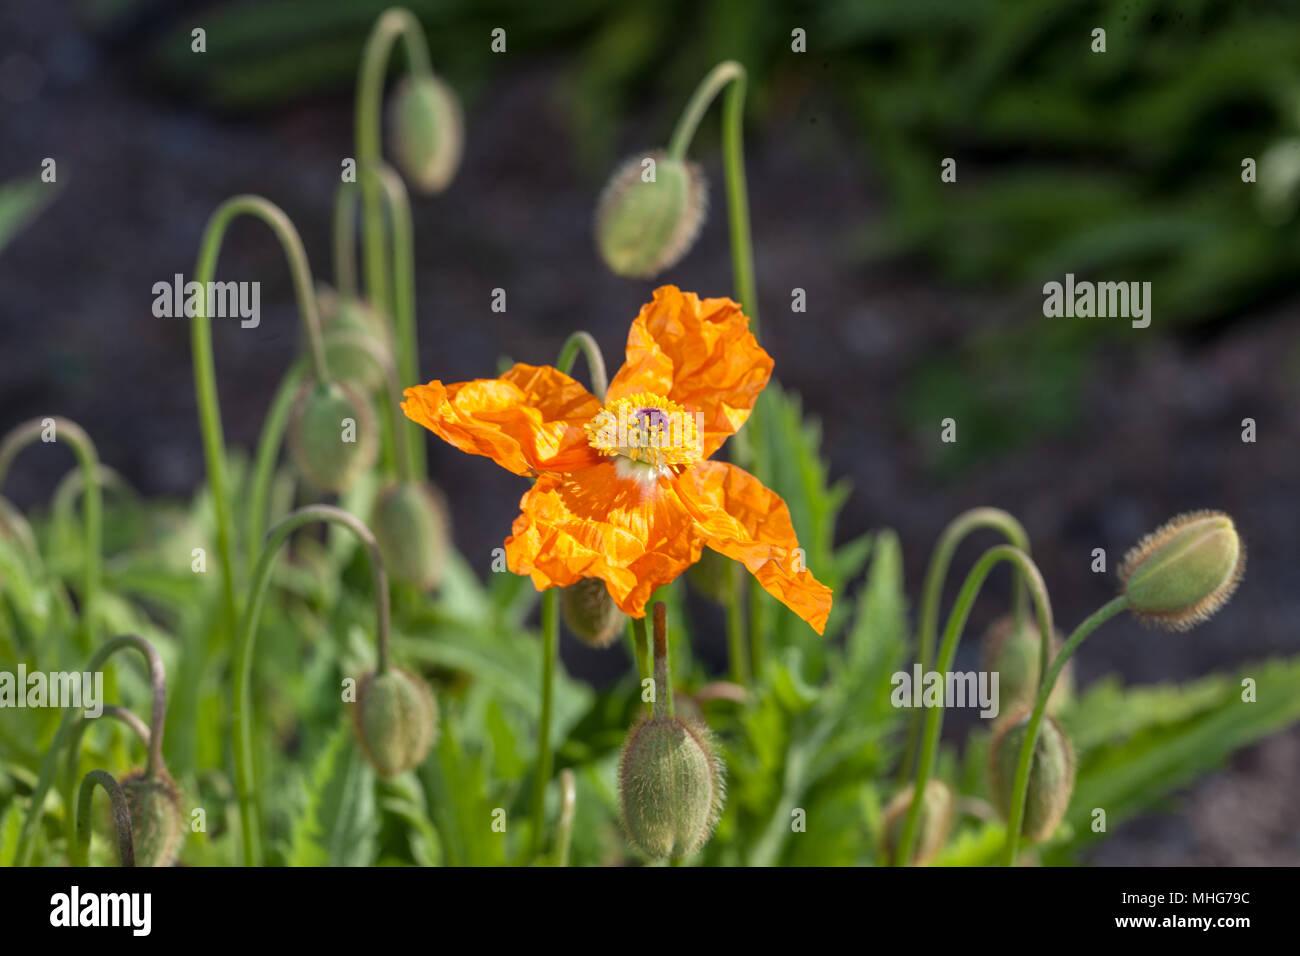 Armenian Poppy, Tegelvallmo (Papaver lateritium) - Stock Image